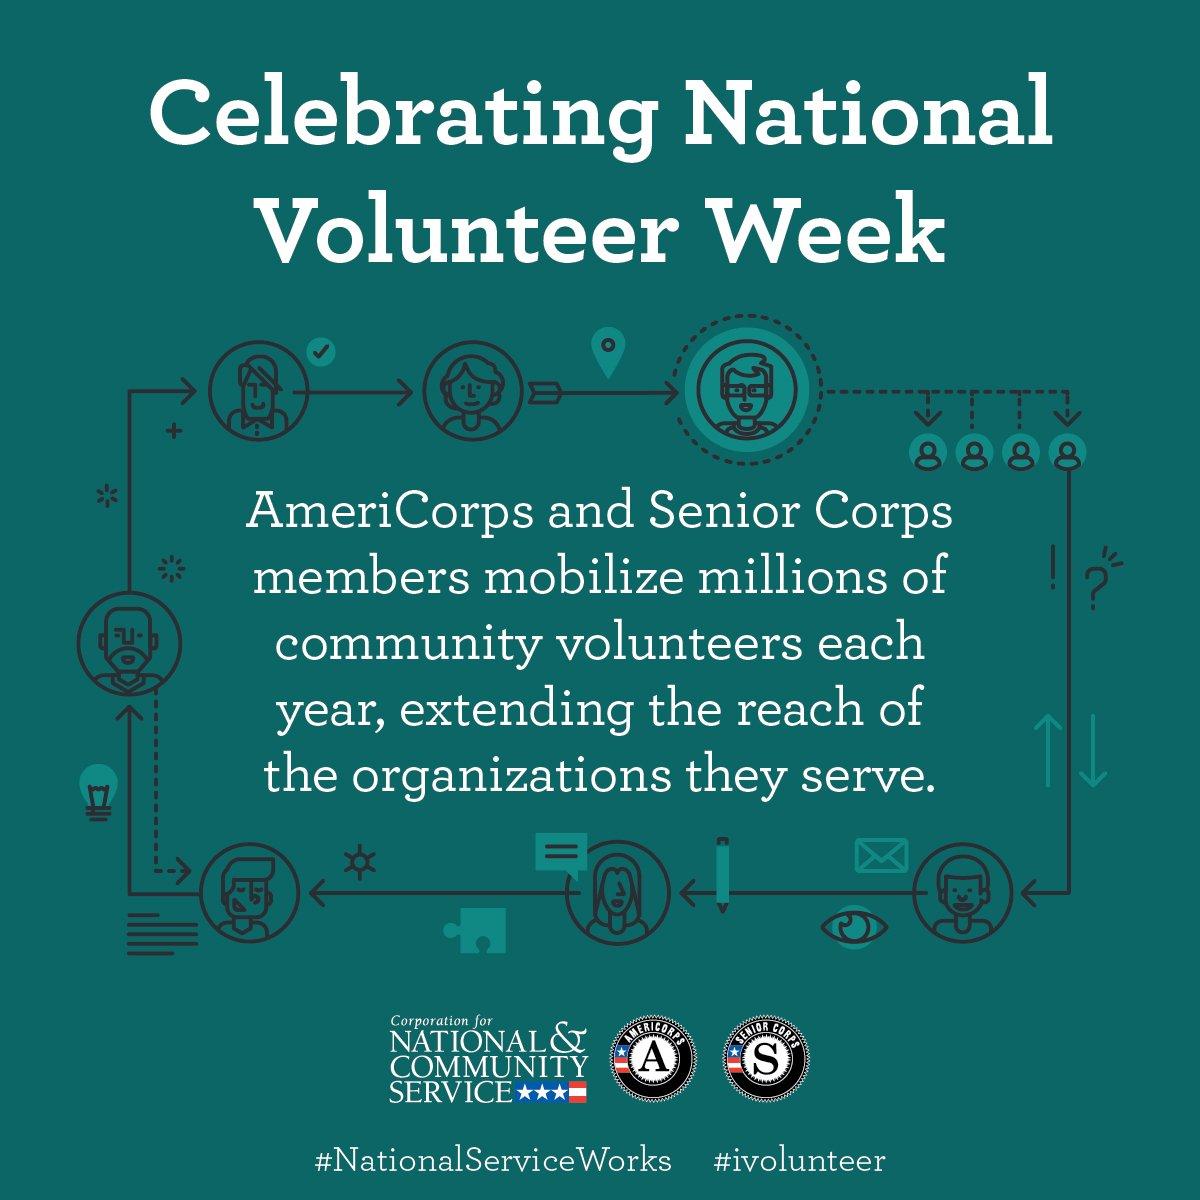 It's National Volunteer Week! @AmeriCorps members serve as powerful catalysts for community engagement. #ivolunteer #NVW #AmeriCorpsWorks https://t.co/tQjNfjVs81